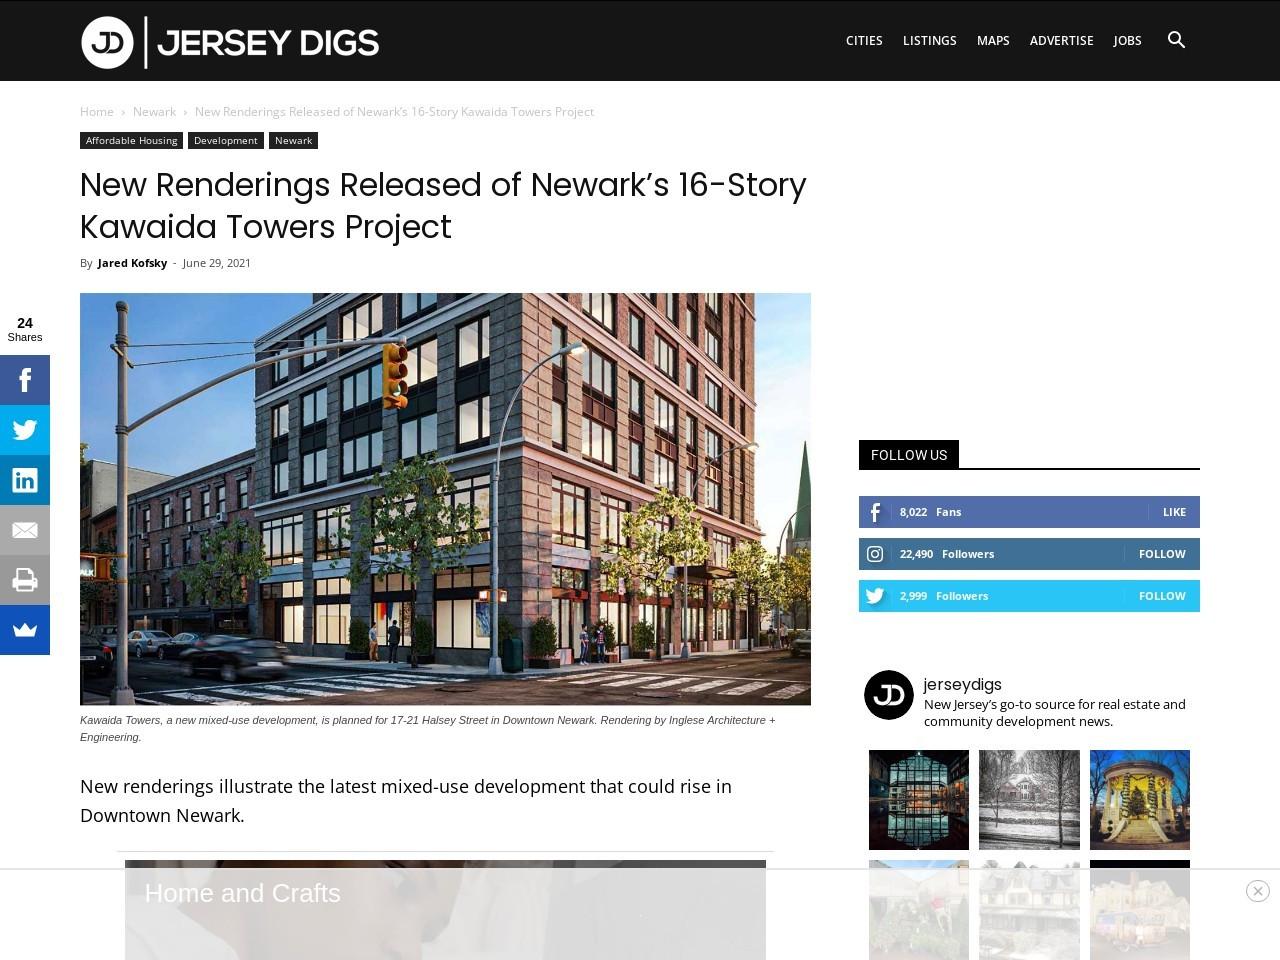 New Renderings Released of Newark's 16-Story Kawaida Towers Project